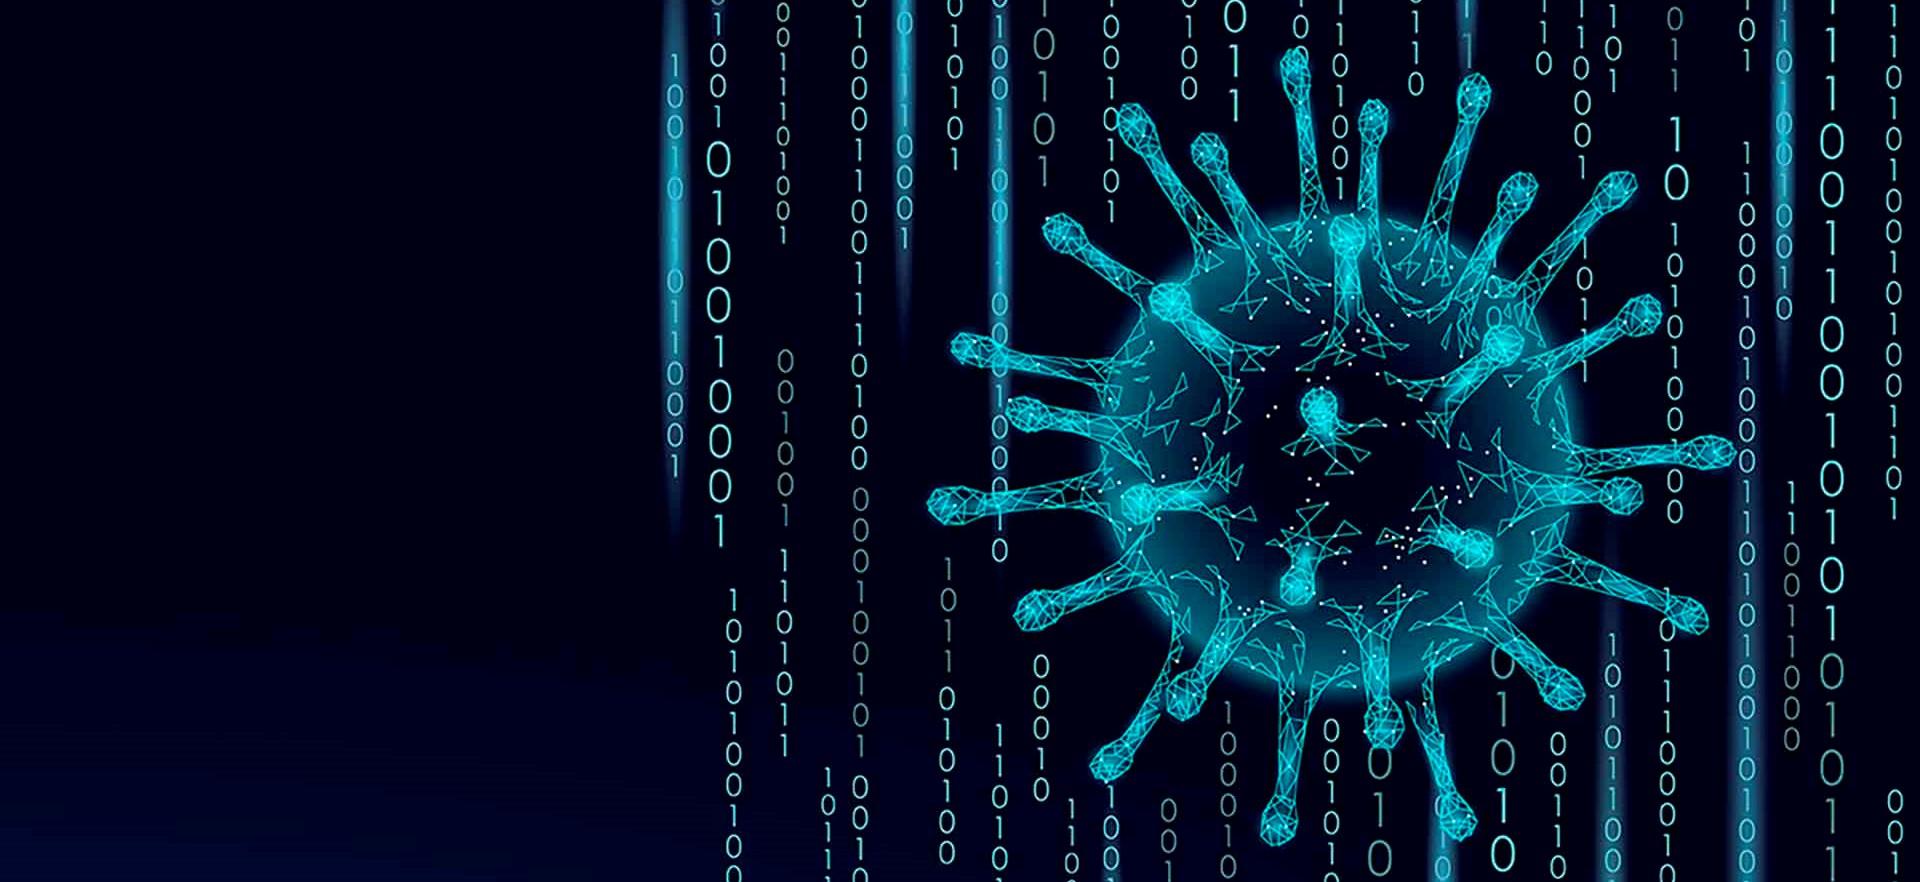 Personalizar el tratamiento de la COVID-19 con la ayuda de la inteligencia artificial reduce la mort...